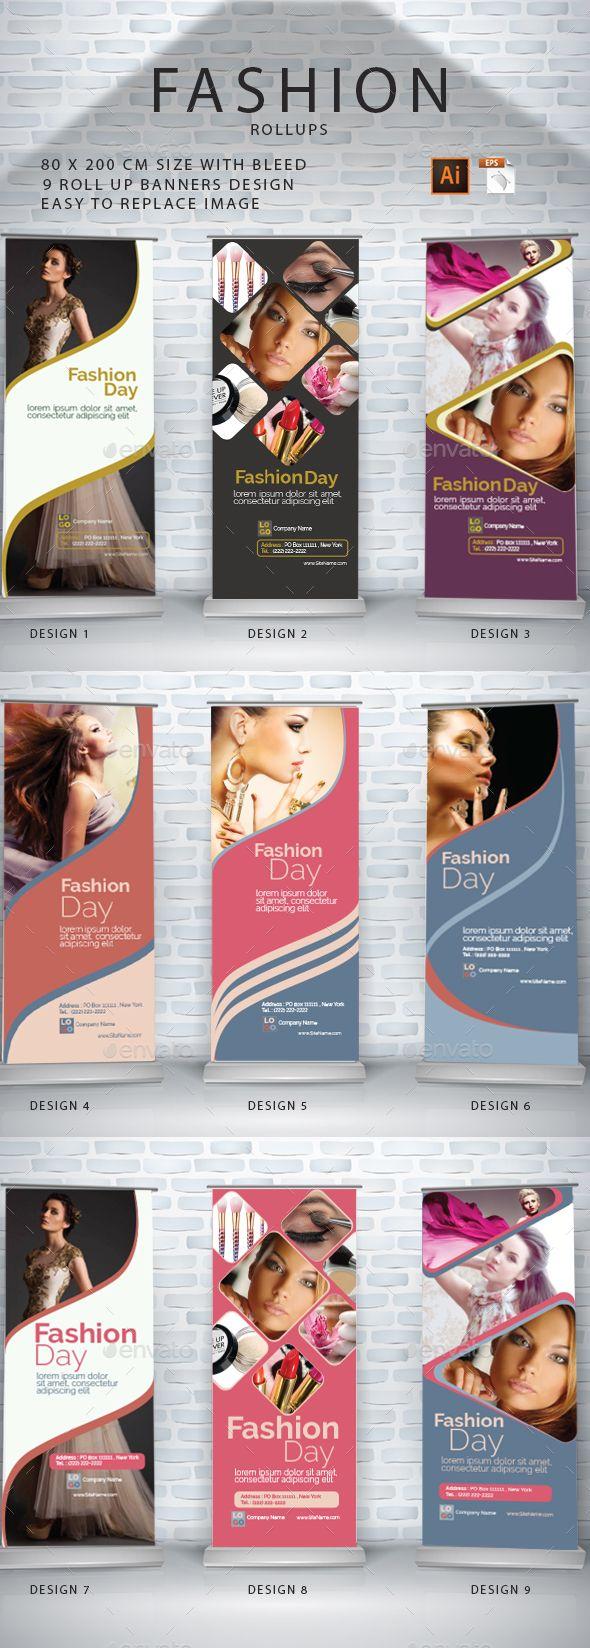 9 Roll Up Banners Design Banner Design Rollup Banner Design Brochure Design Inspiration